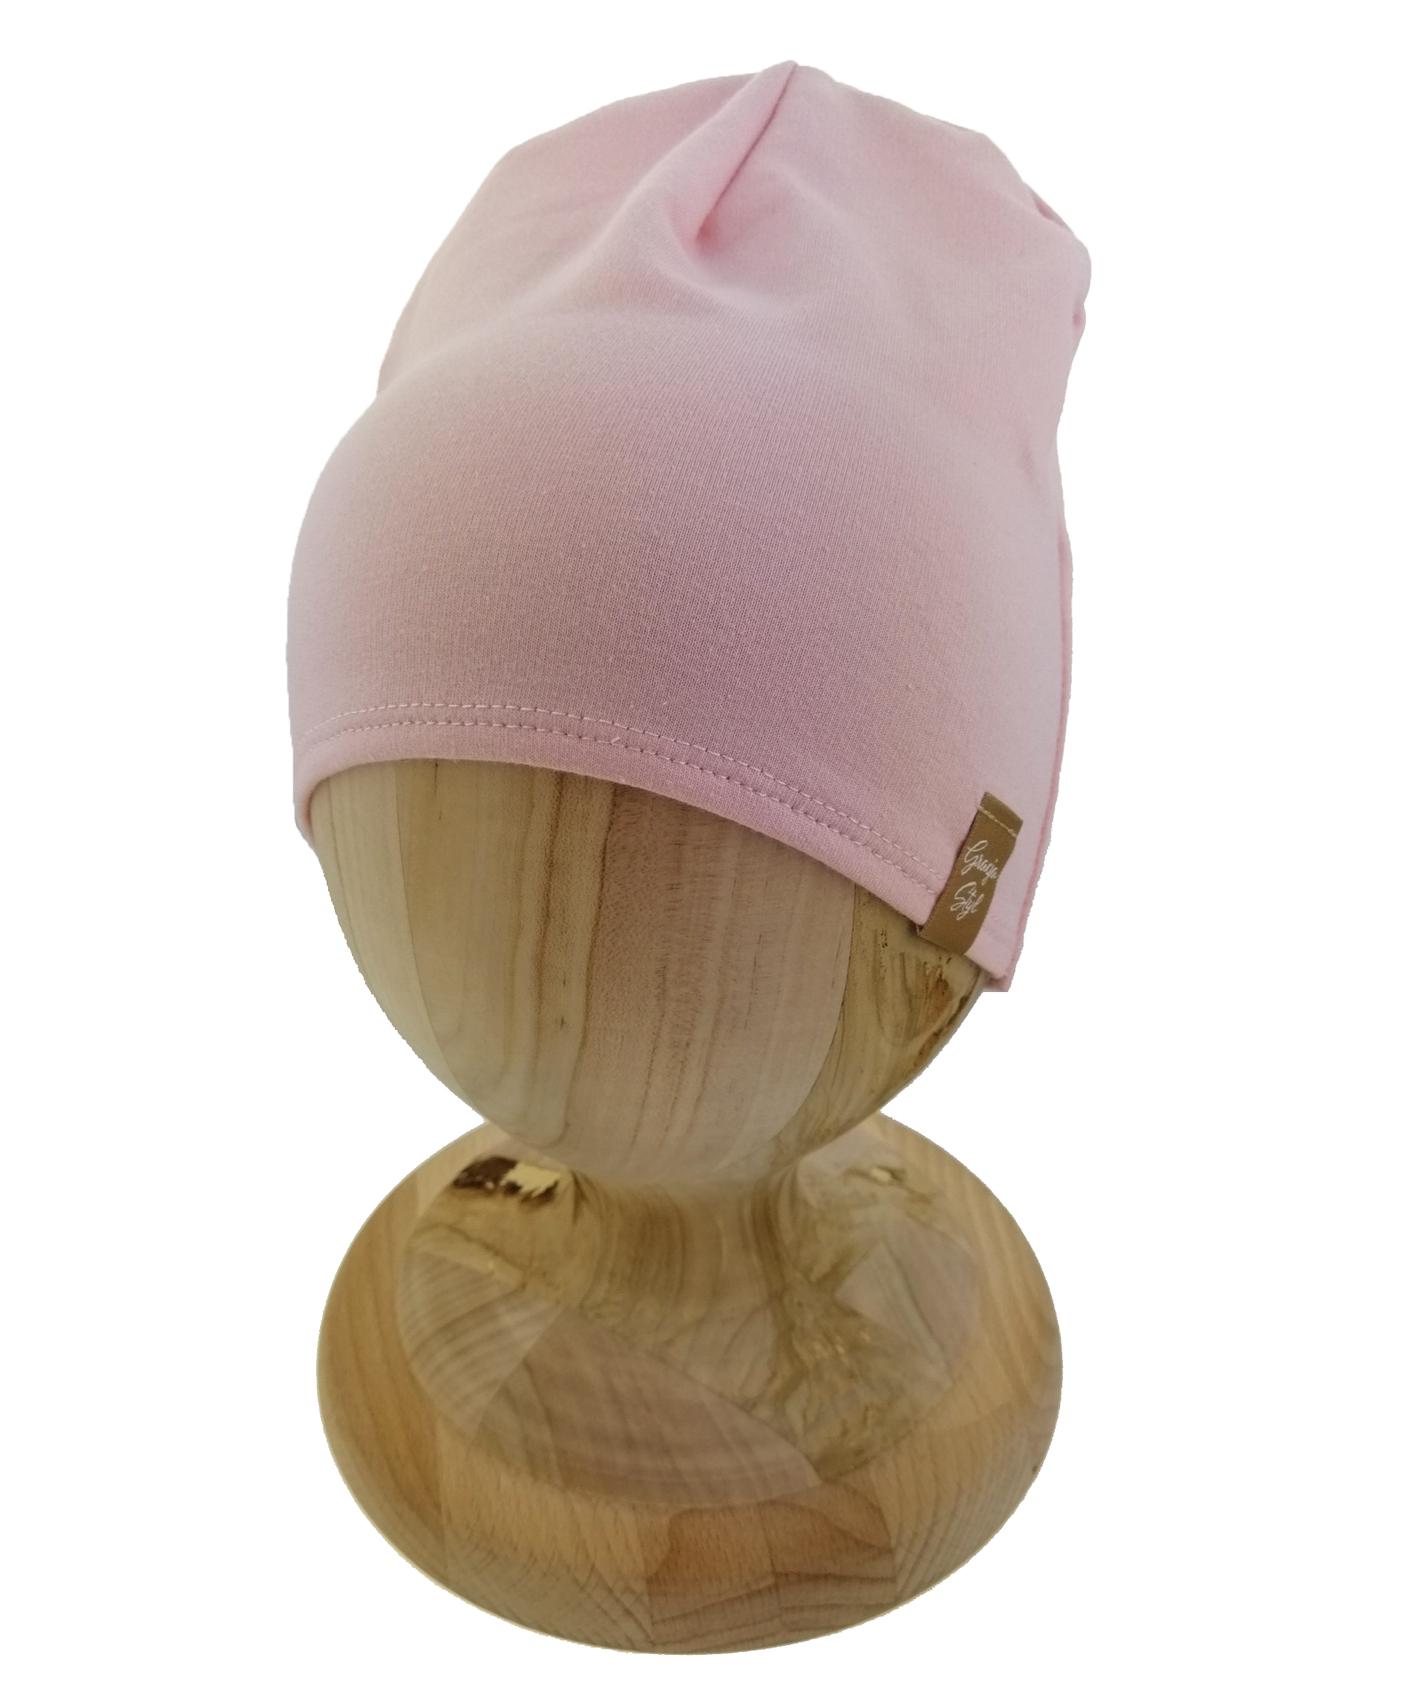 Czapka typu smerfetka, uszyta z bawełny petelkowej. Kolor różowo-łososiowy